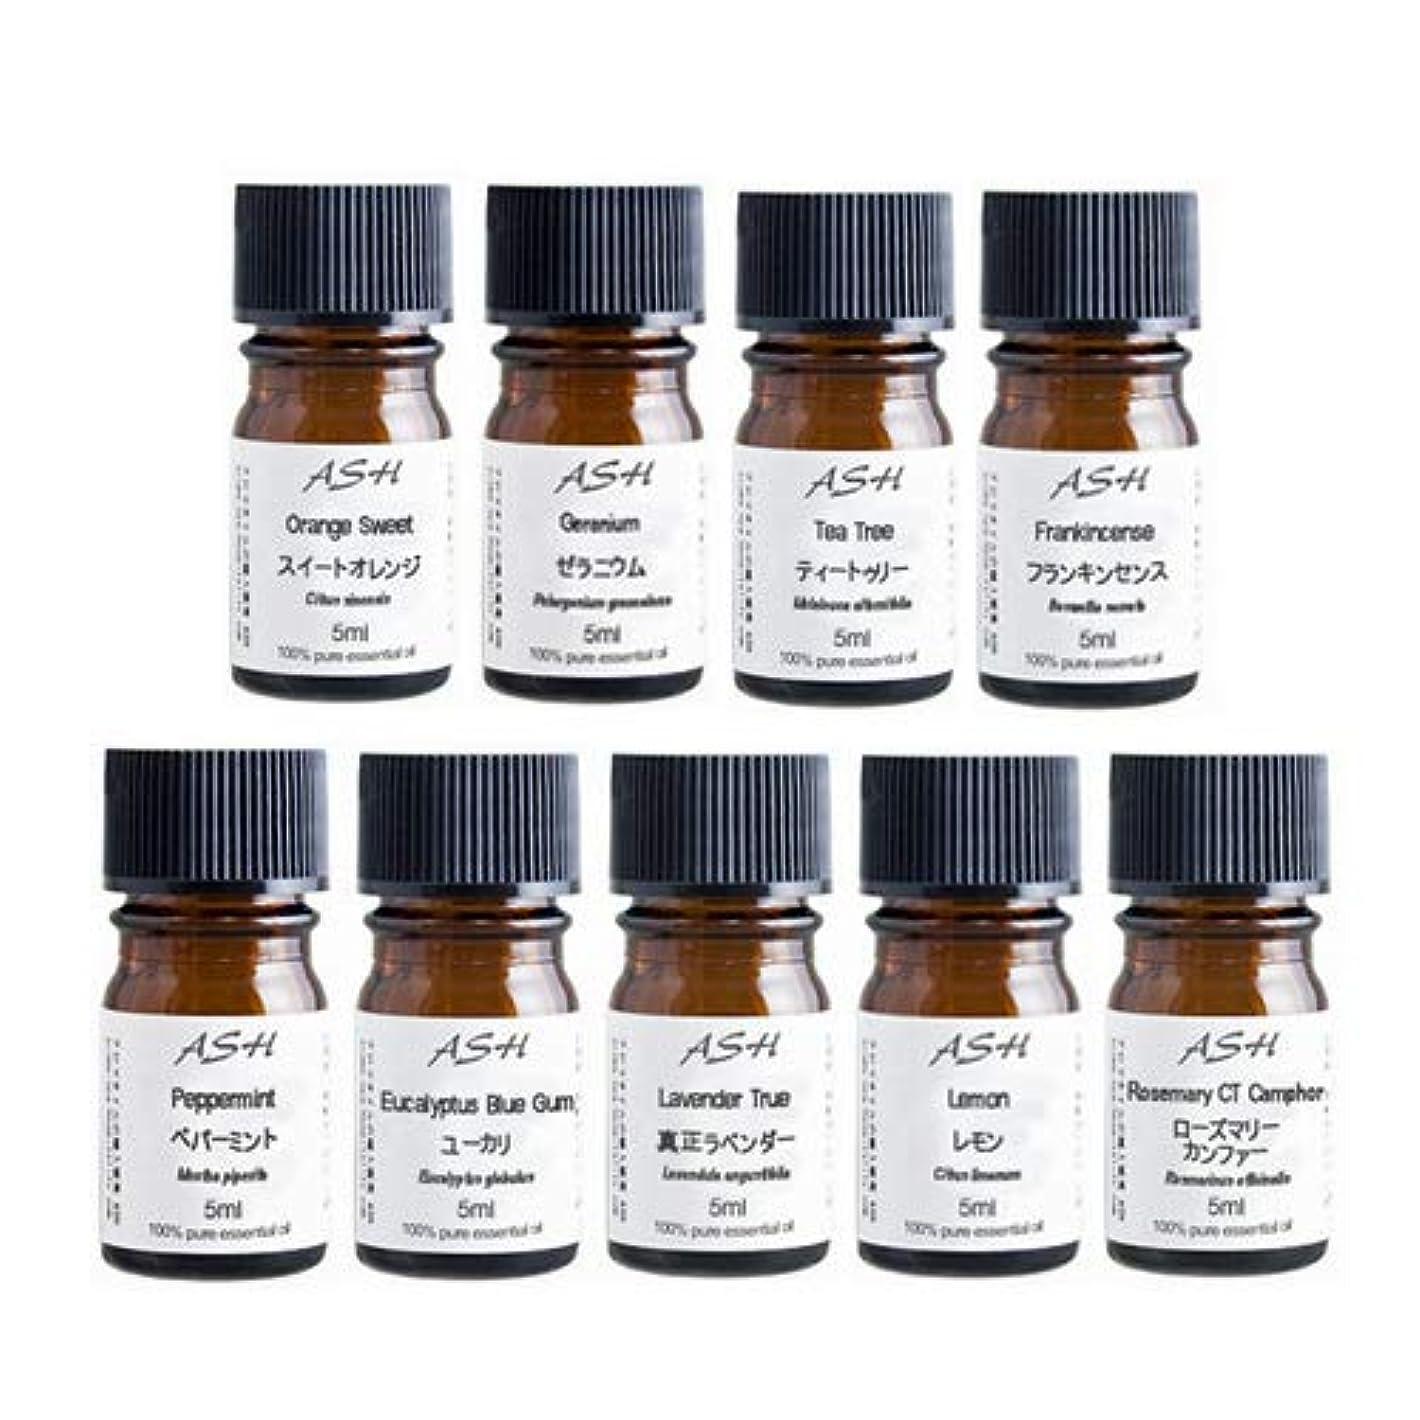 可動式葉っぱ誤解ASH アロマ検定 2級 対応 セット 5mlx9本(スイートオレンジ、ゼラニウム、ティートゥリー、フラン キンセンス、ペパーミント、ユーカリ、ラベンダー、レモン、ローズマリー)AEAJ表示基準適合認定精油